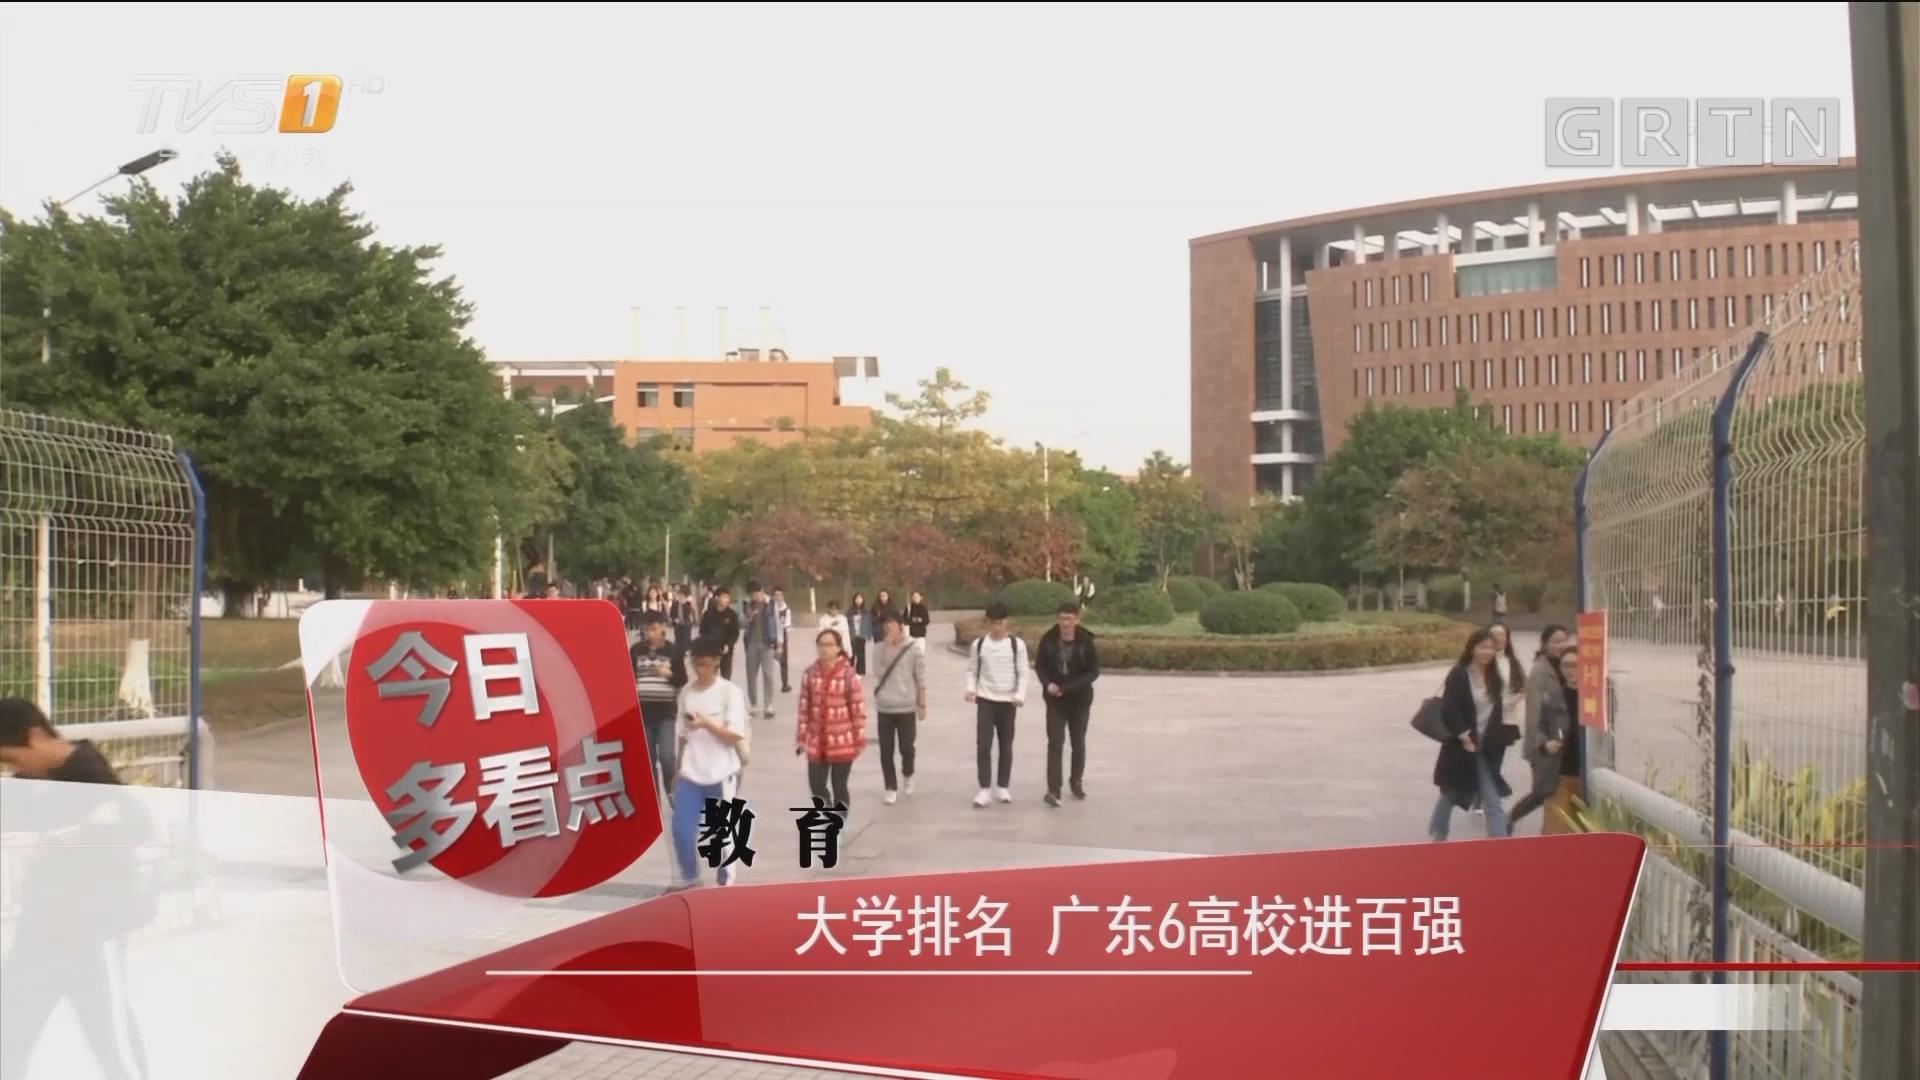 教育:大学排名 广东6高校进百强